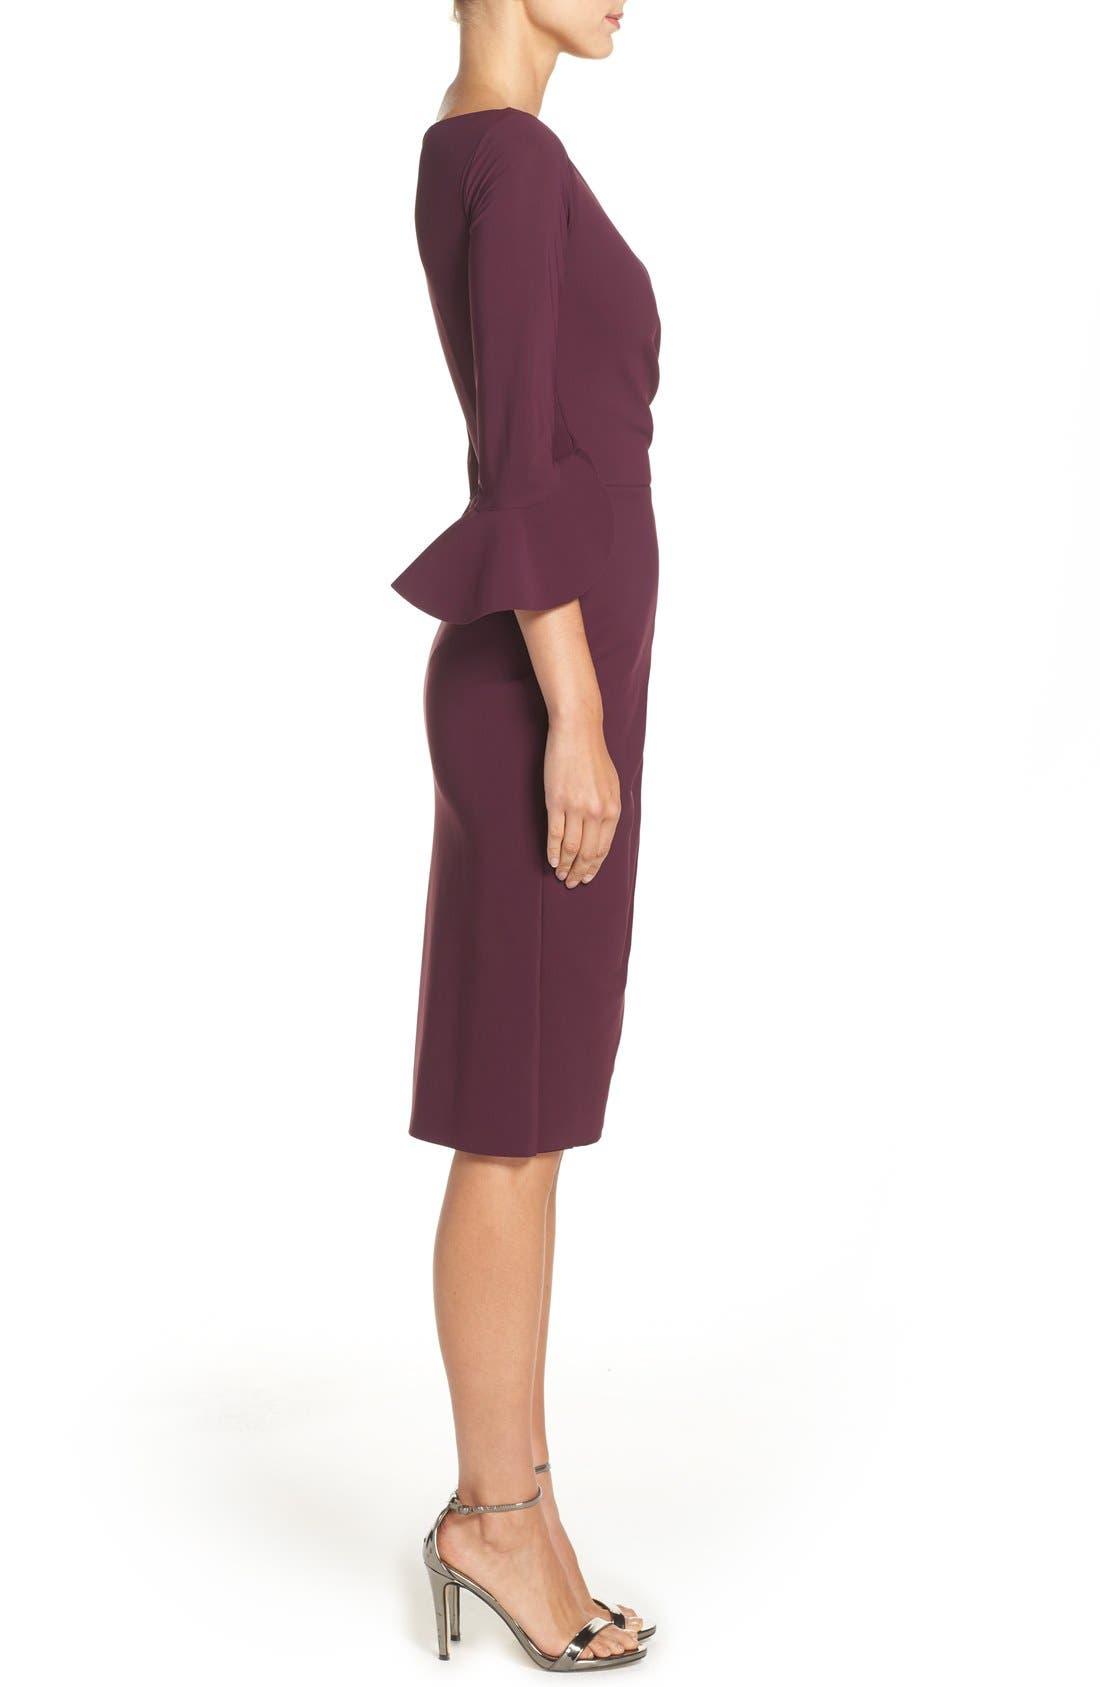 CHIARA BONI LA PETITE ROBE,                             'Triana' Jersey Sheath Dress,                             Alternate thumbnail 4, color,                             501